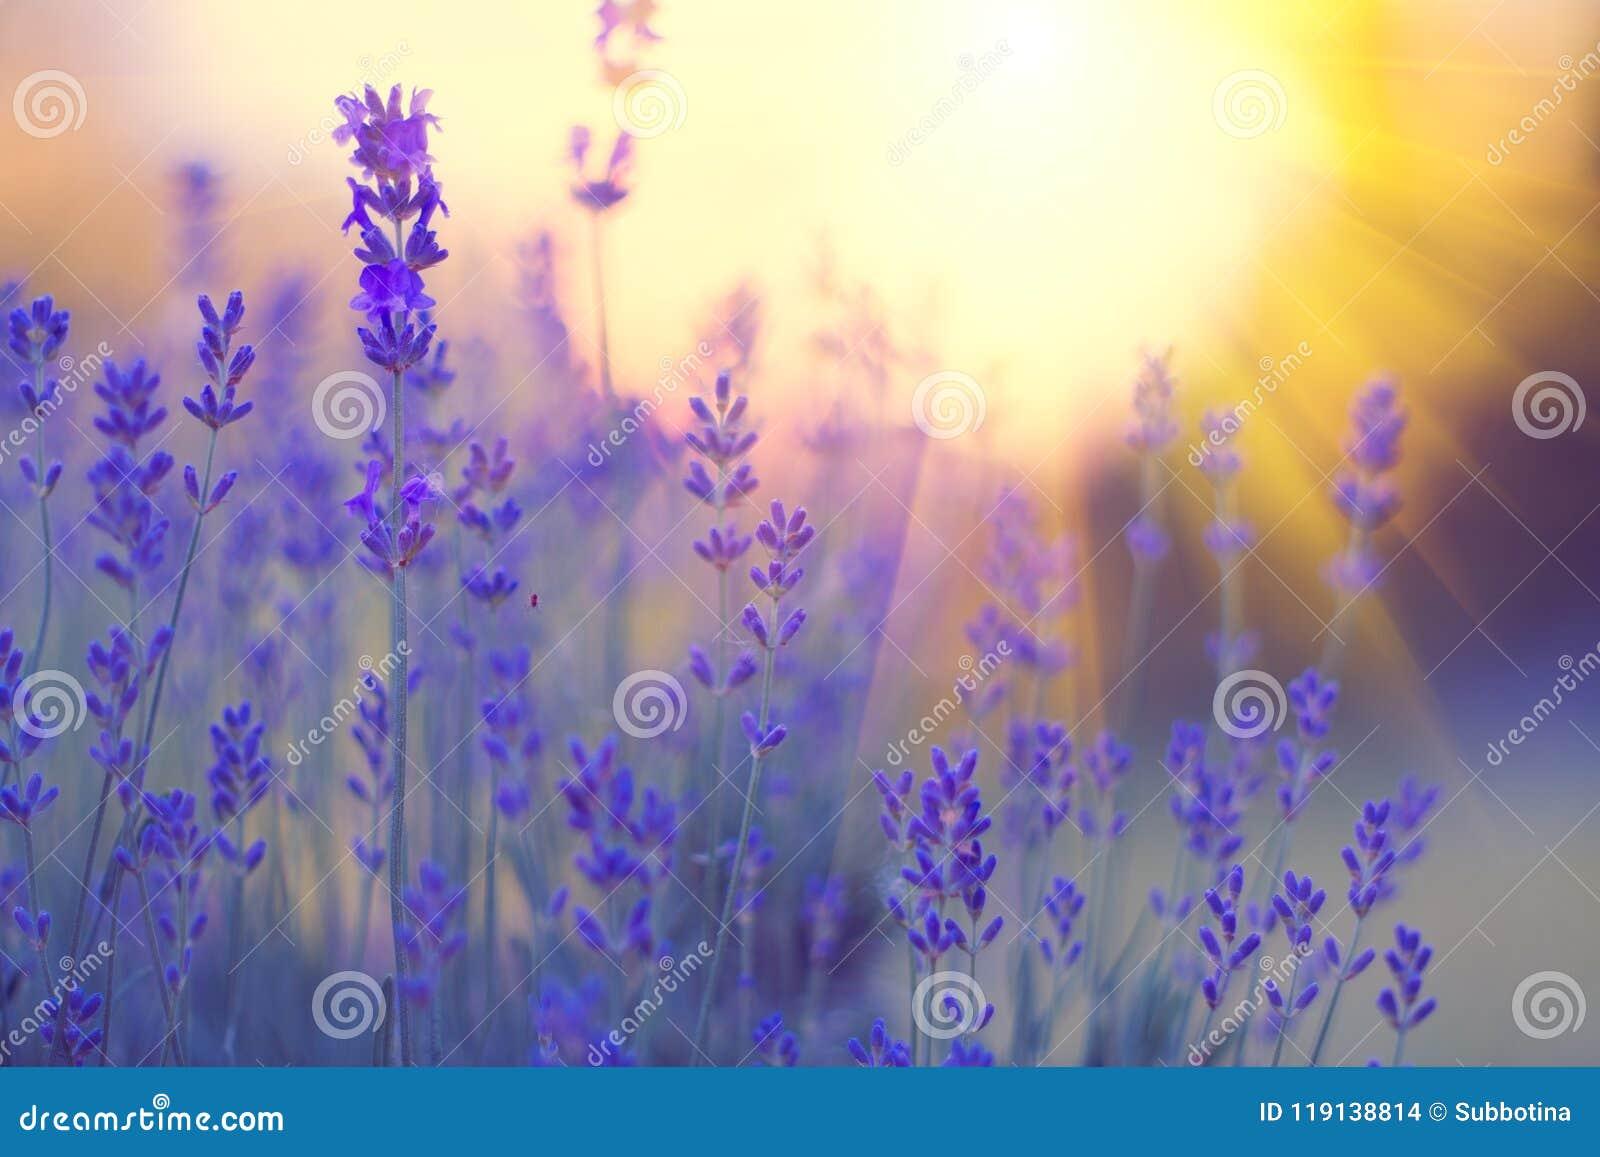 淡紫色领域,开花的紫罗兰色芬芳淡紫色开花 摇摆在日落天空的风的生长淡紫色